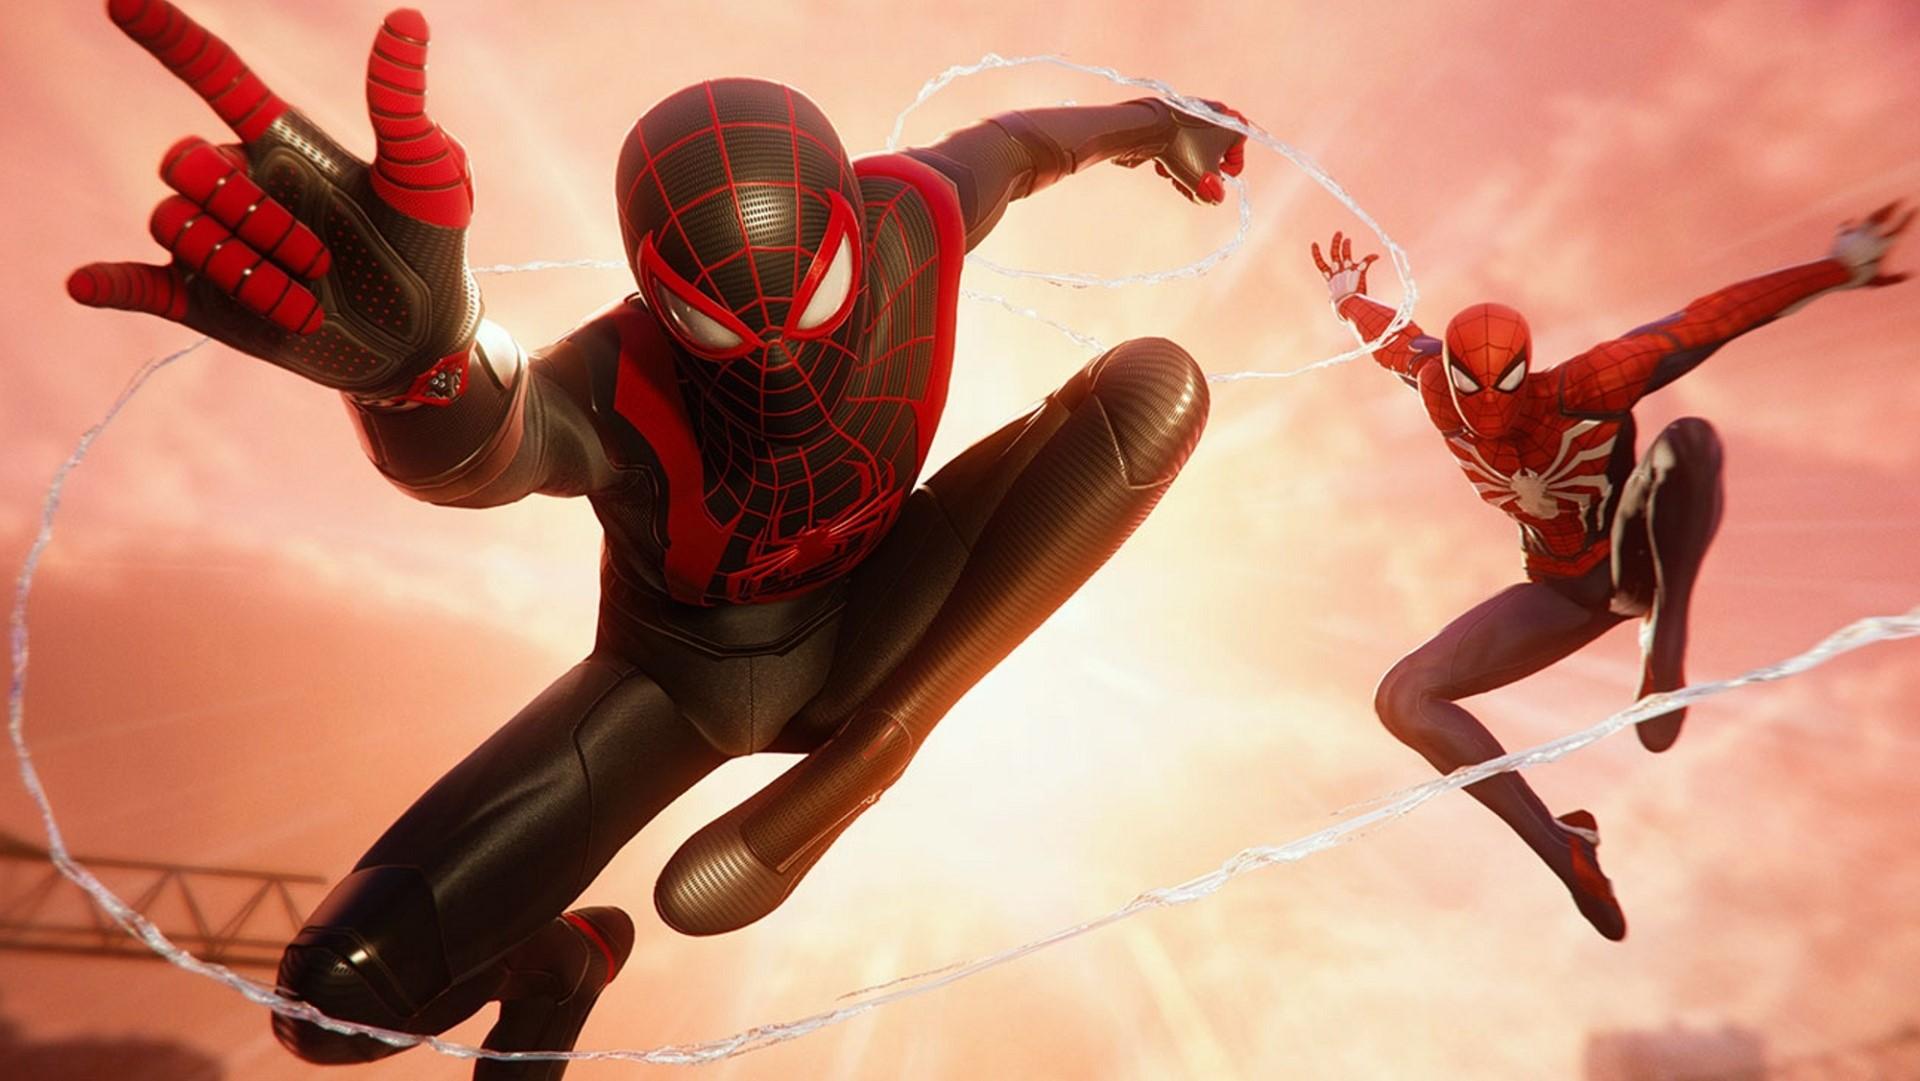 marvels-spider-man-miles-morales-image-